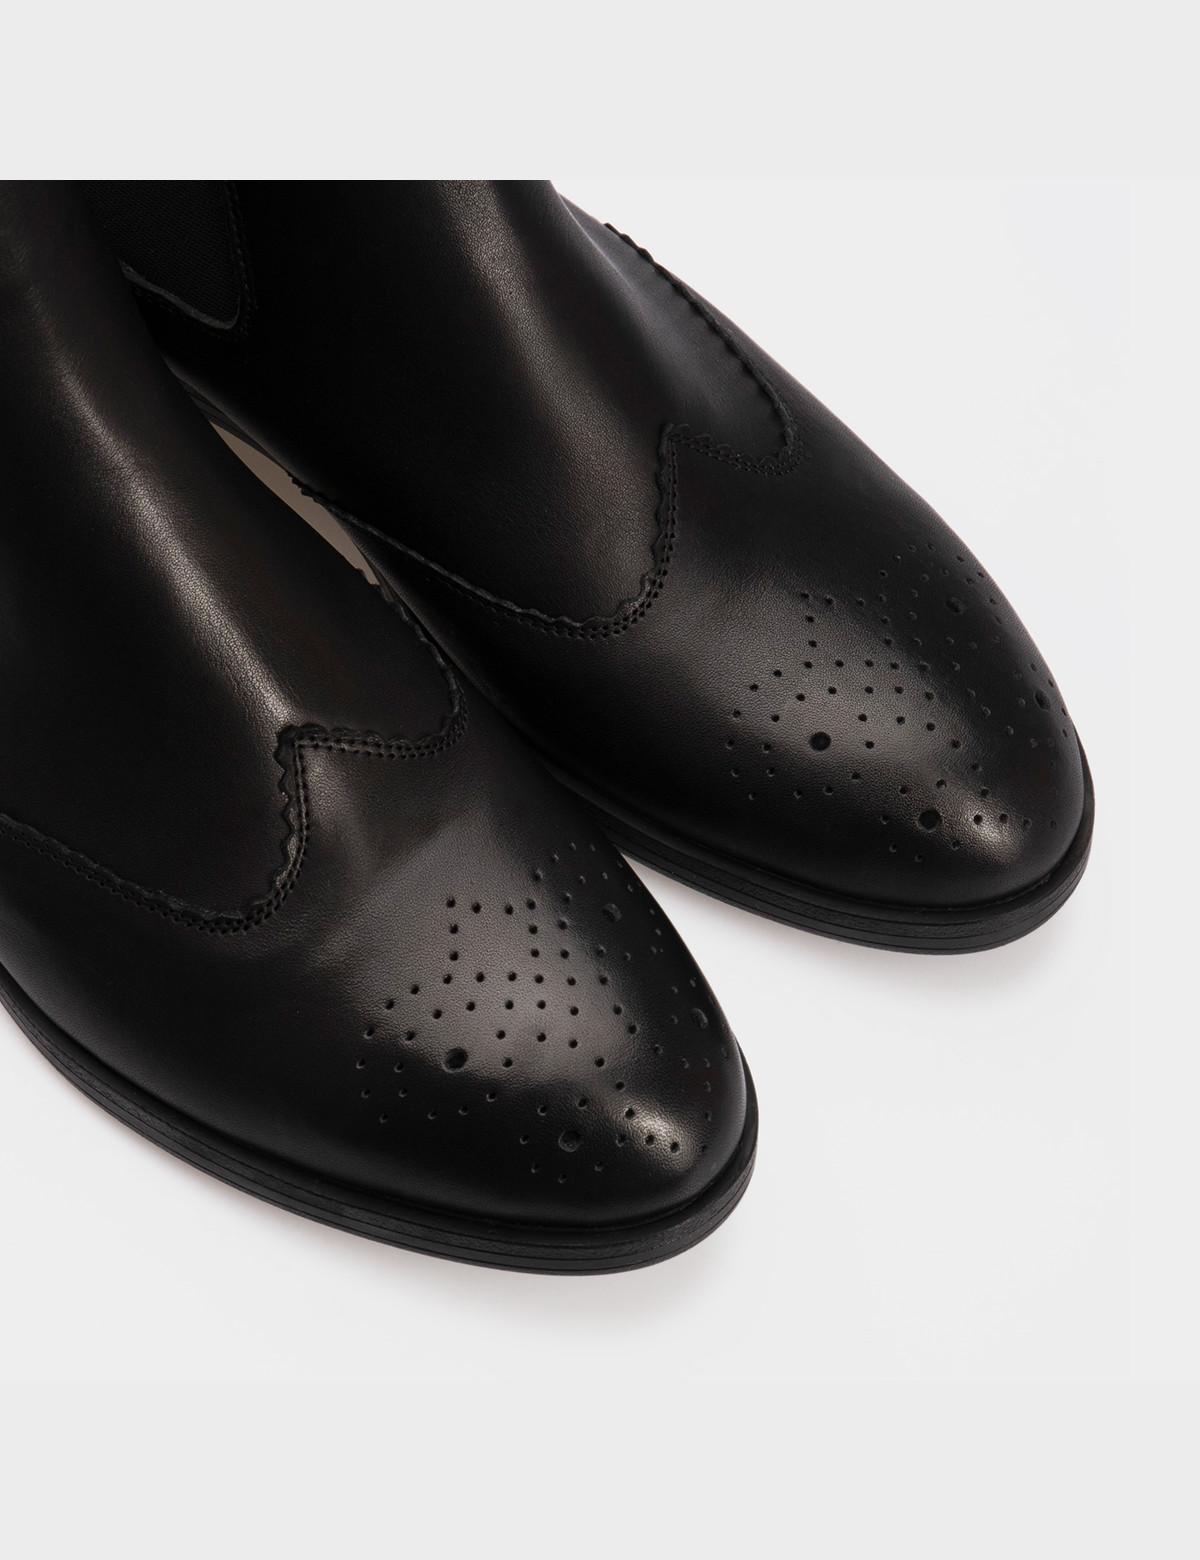 Ботинки черные, натуральная кожа. Байка4